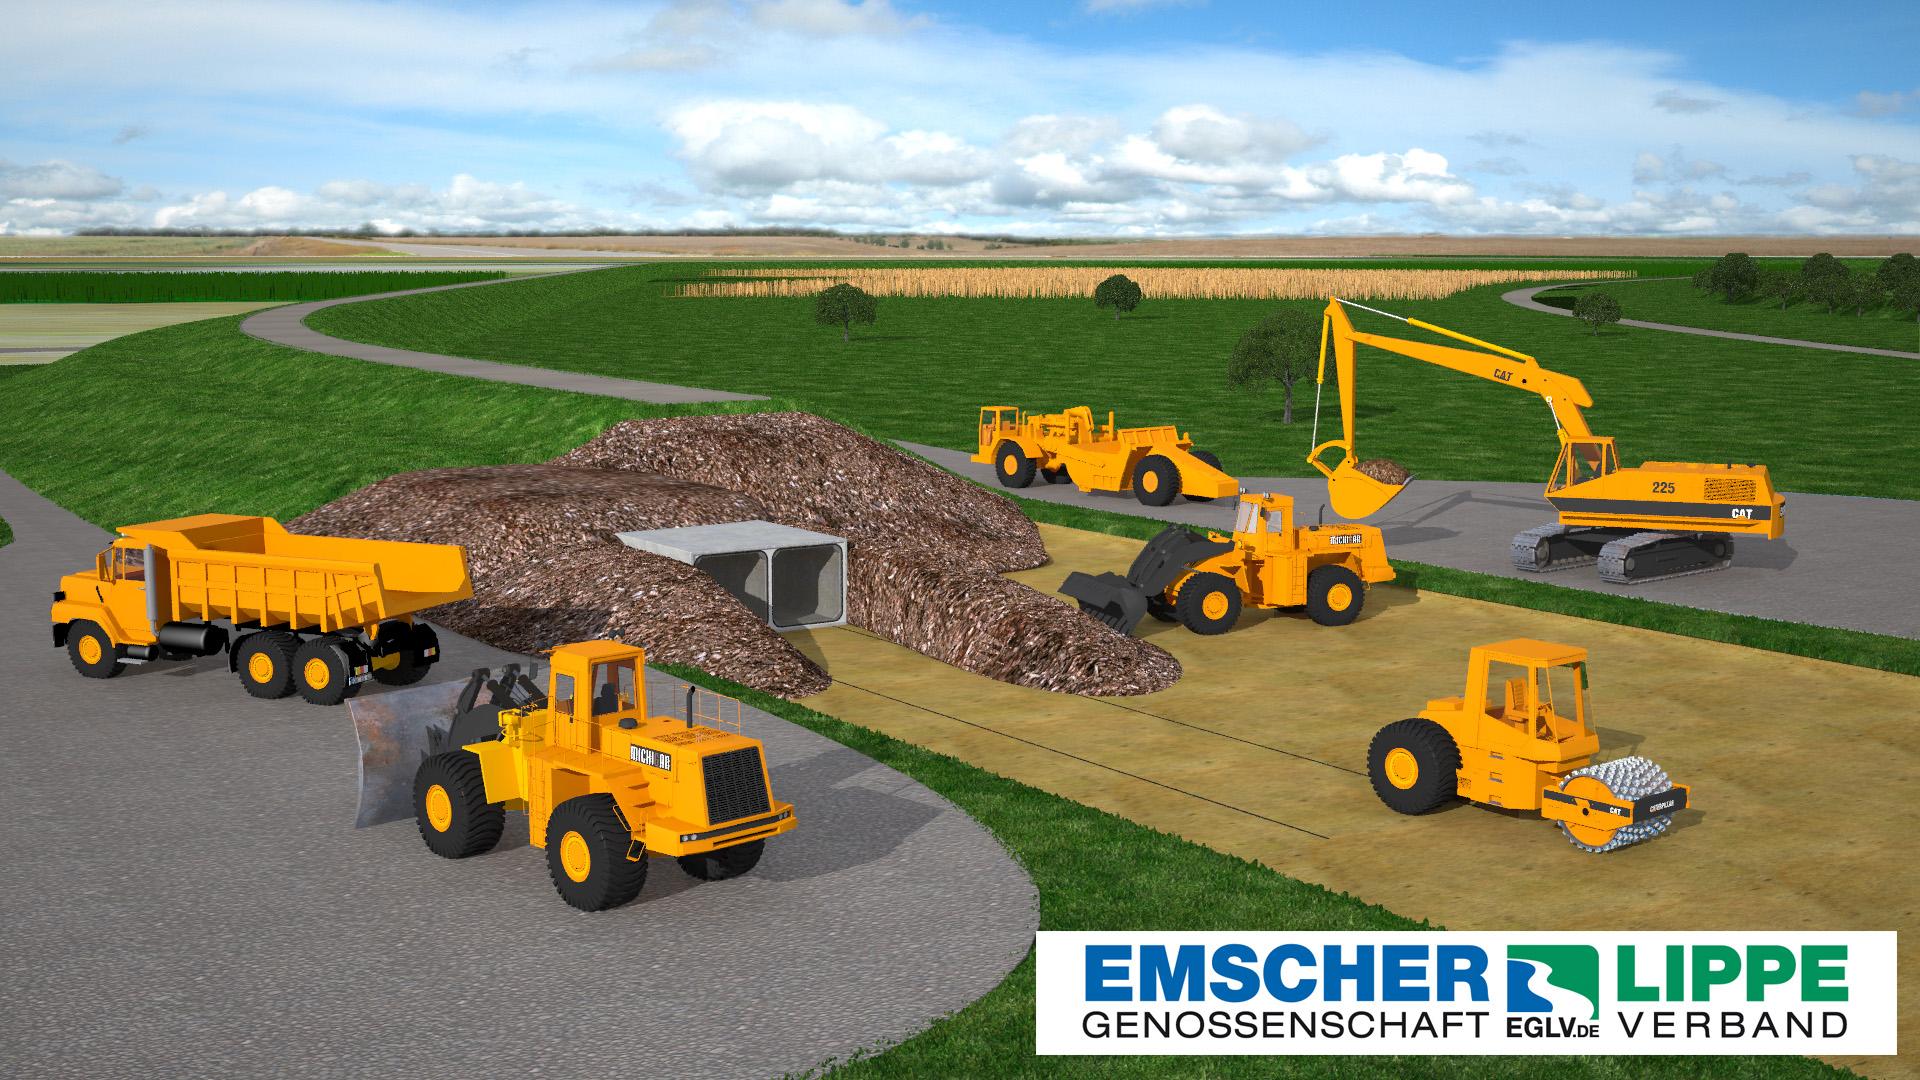 3D Visualisierung einer Baustelle zum Deichbau / Hochwasserschutz